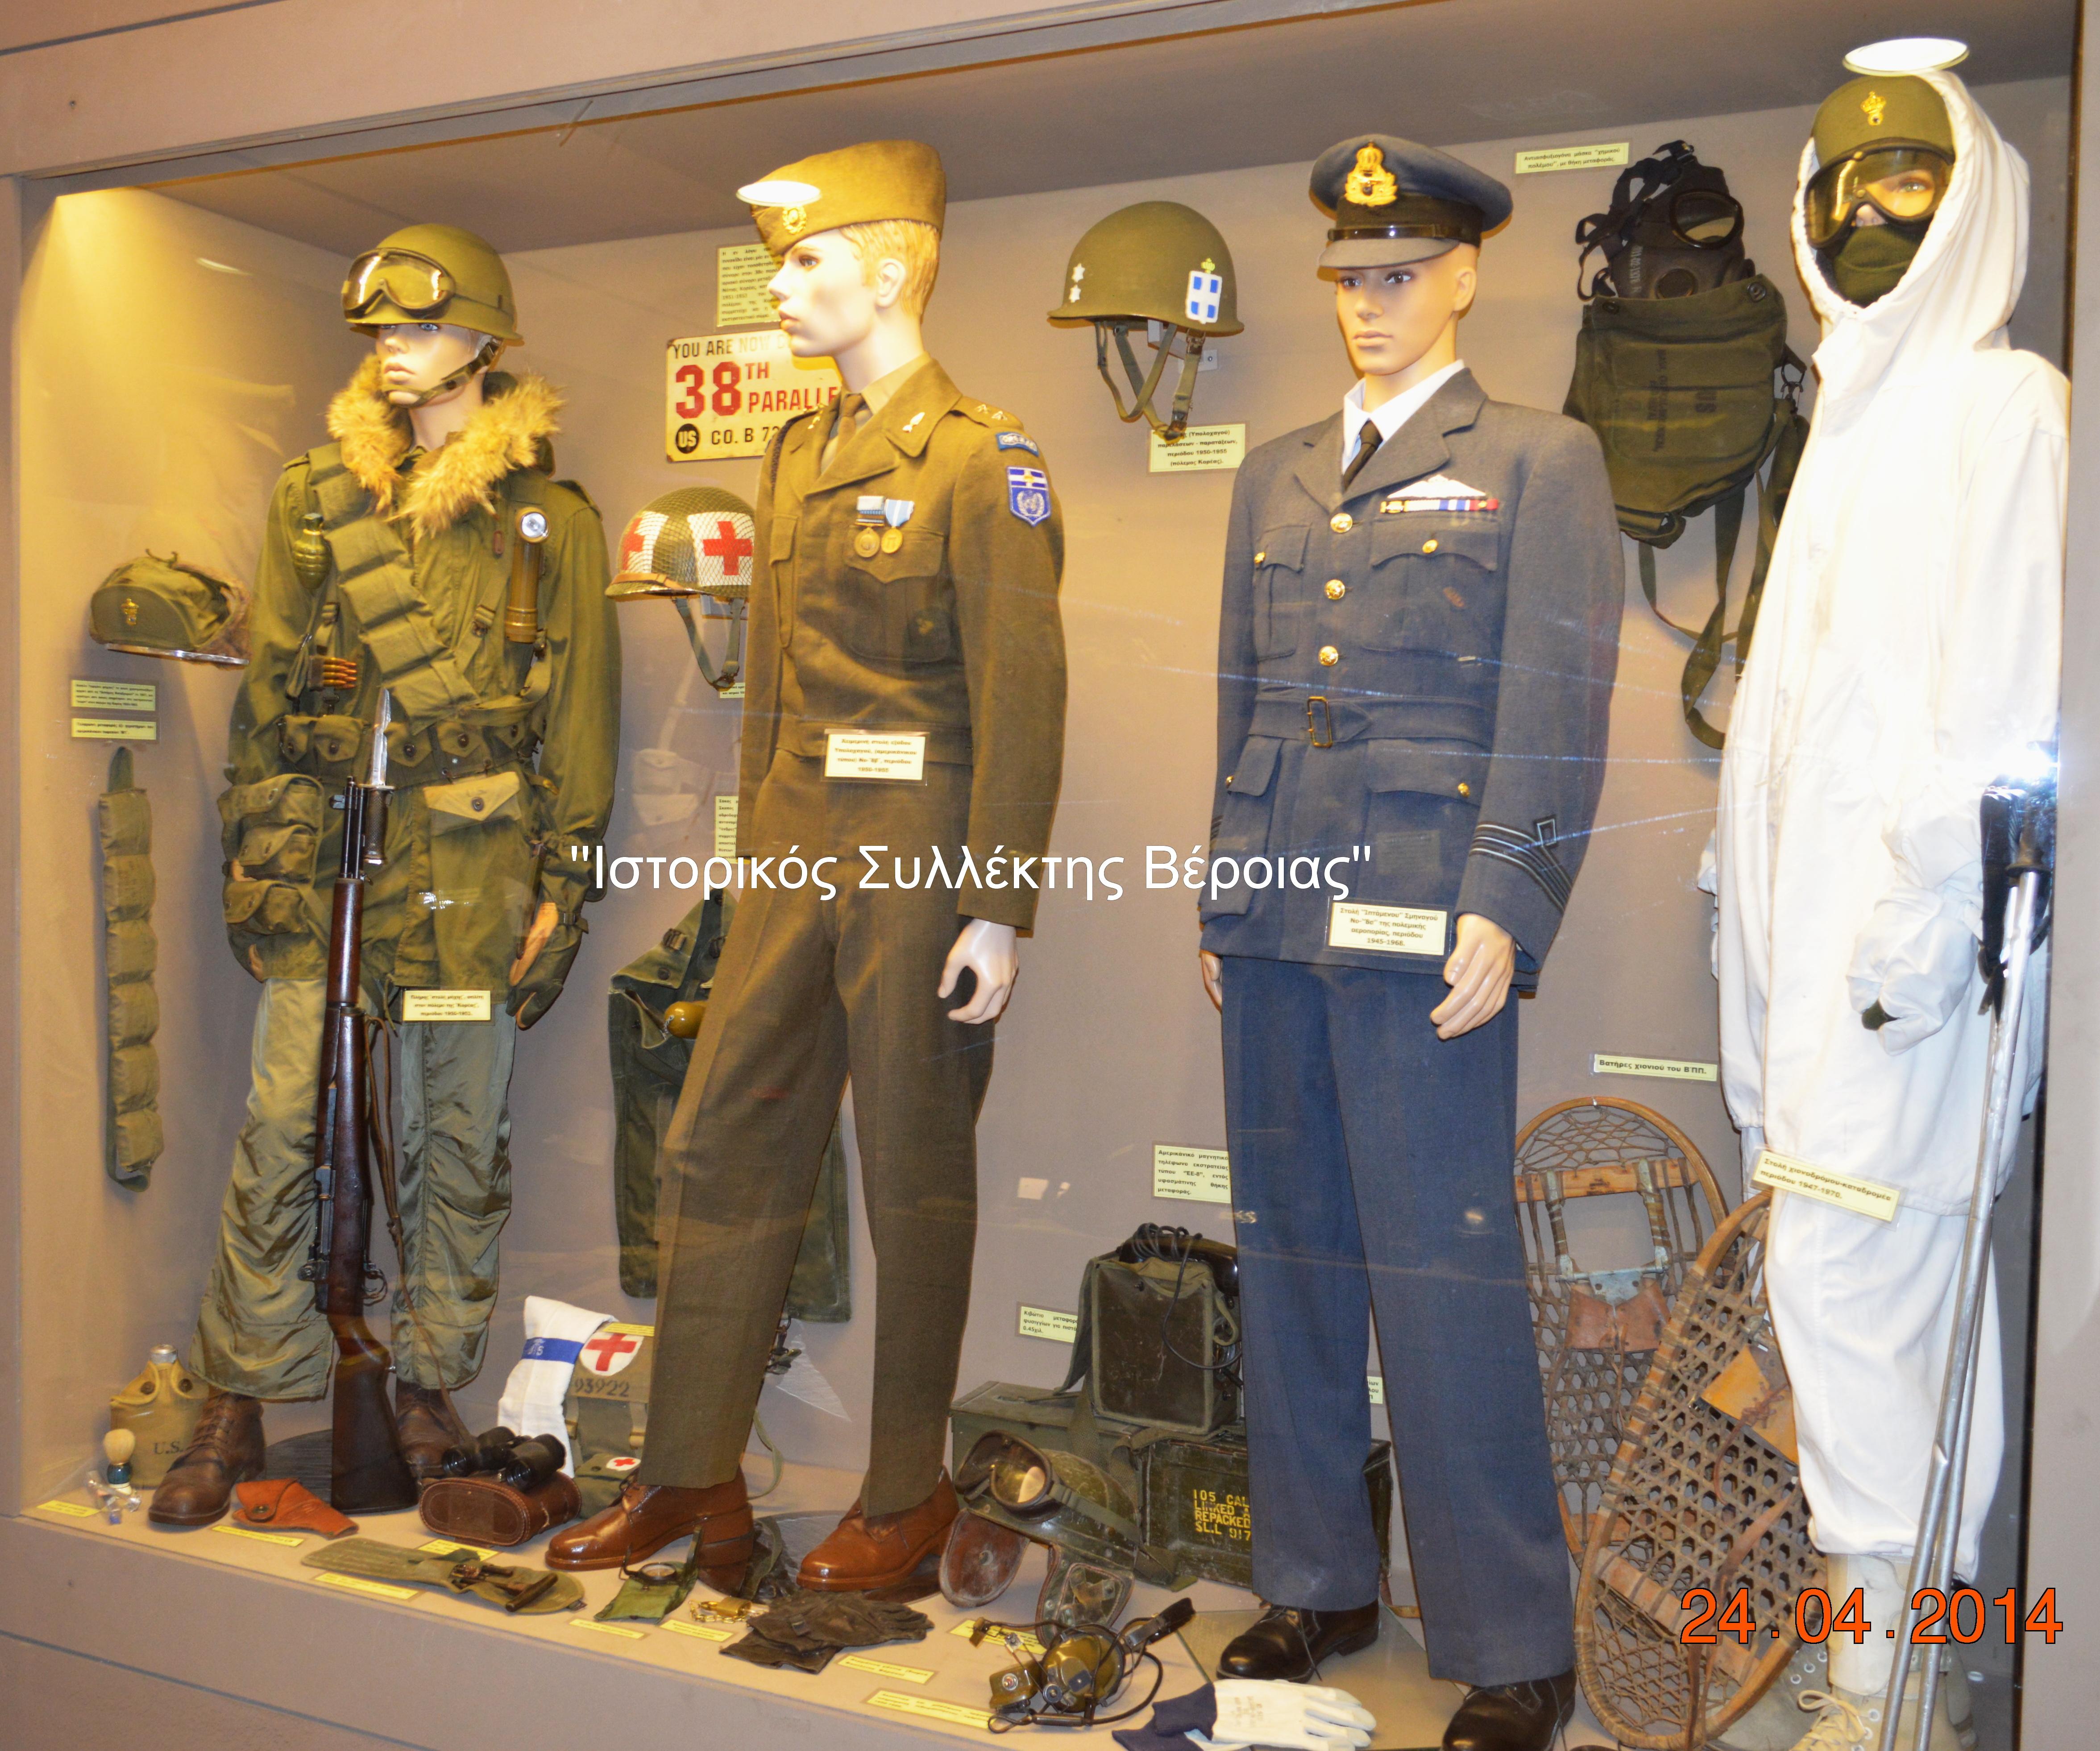 Η βιτρίνα είναι αφιερωμένη στην Ελληνική αποστολή που συμμετείχε κατά την περίοδο 1950-1953 στον πόλεμο της Κορέας